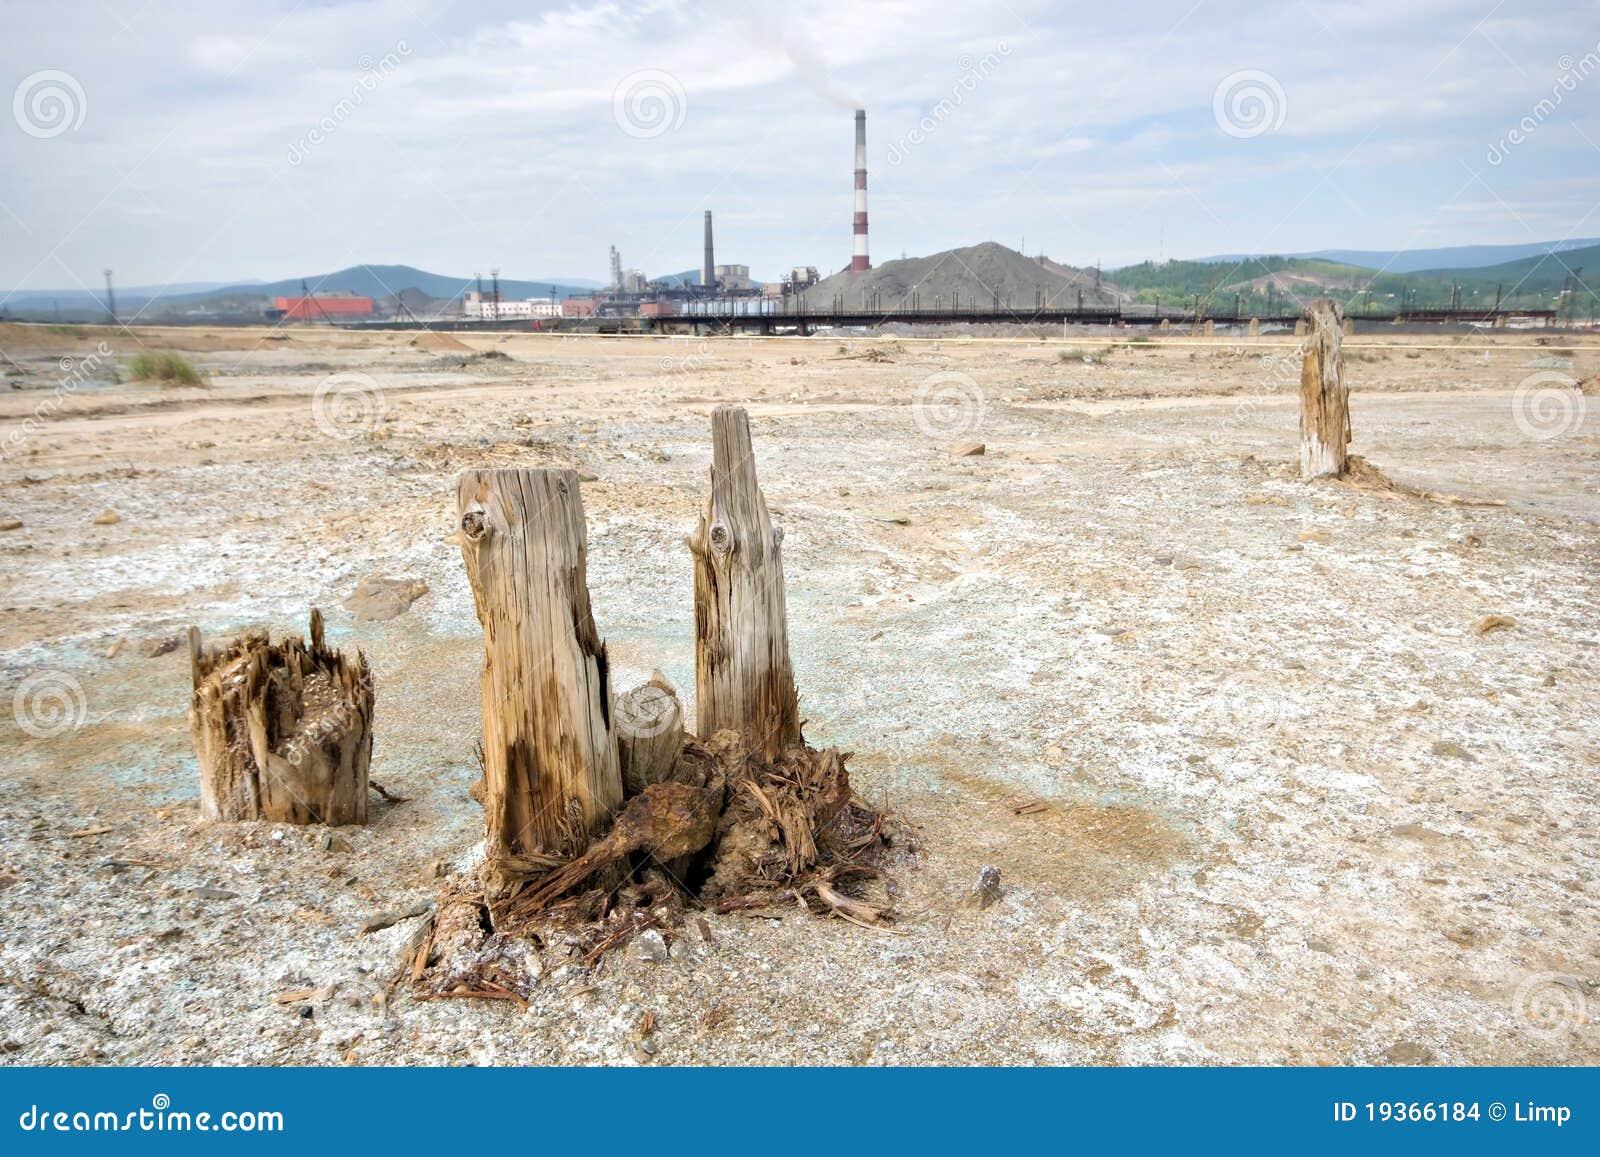 Deserto ecológico inoperante perto do moinho de cobre de Karabash.